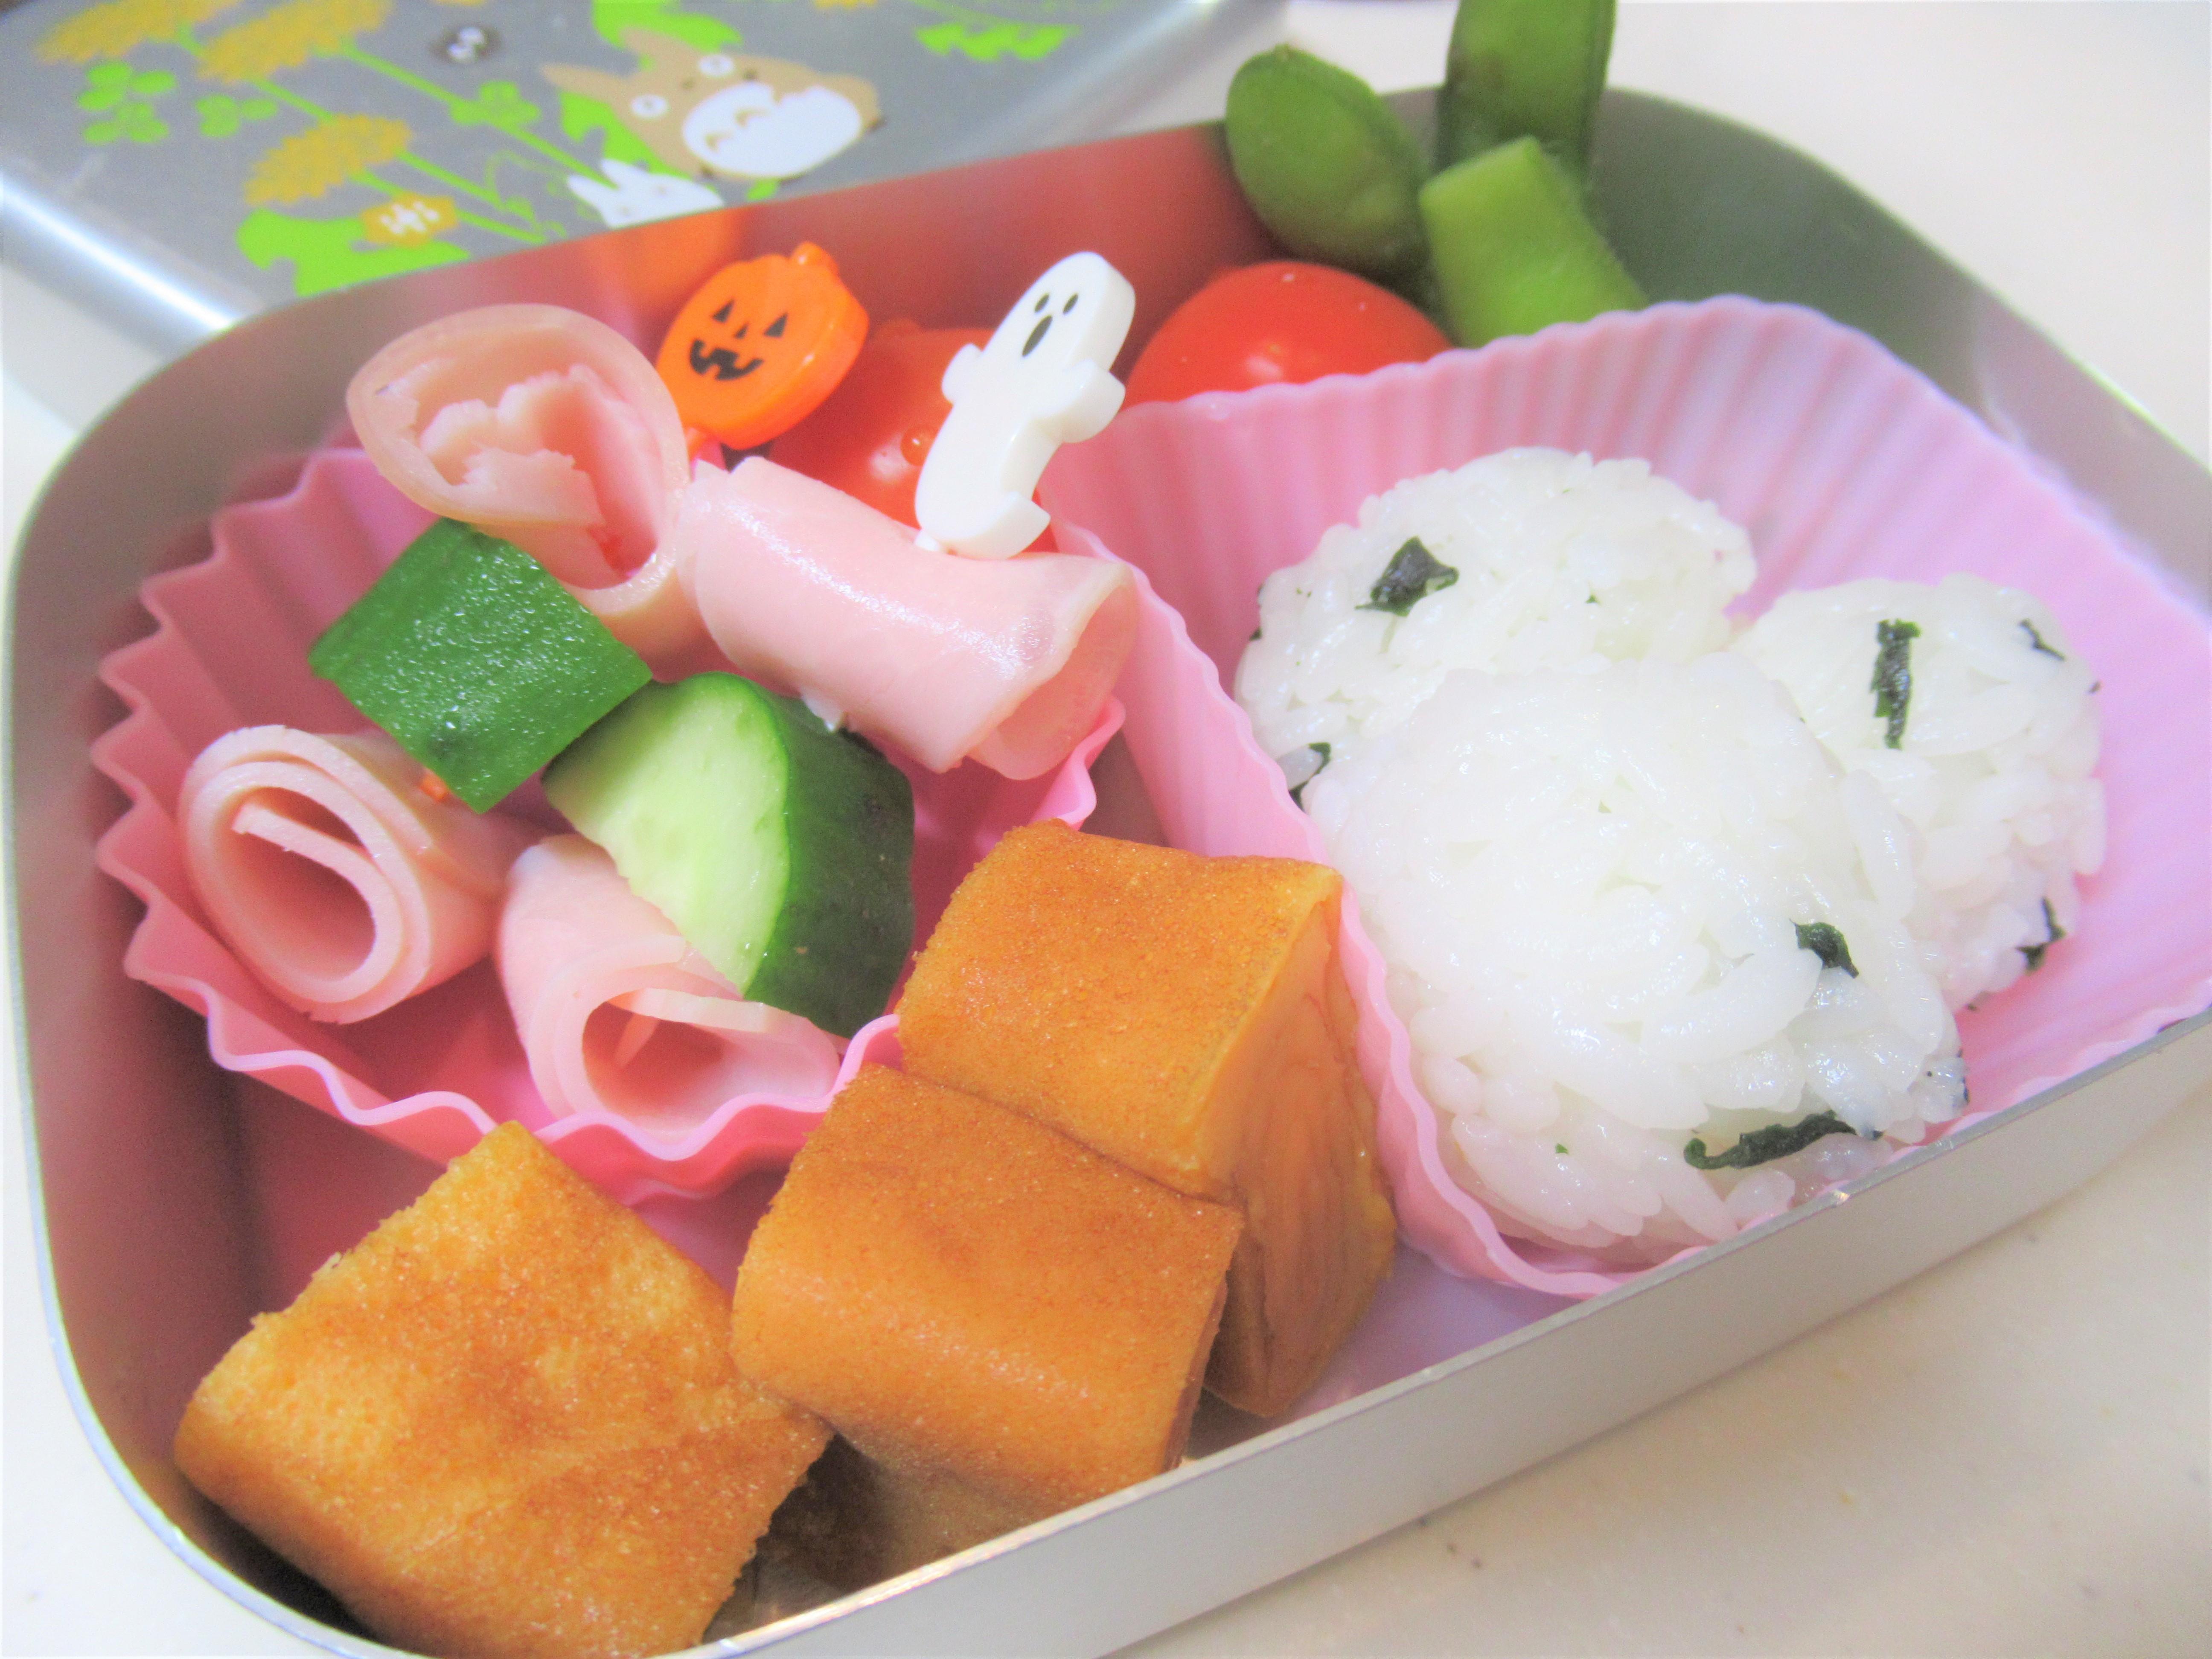 幼稚園の弁当|20分で作れる簡単弁当☆18日分の写真とおすすめ冷凍食品